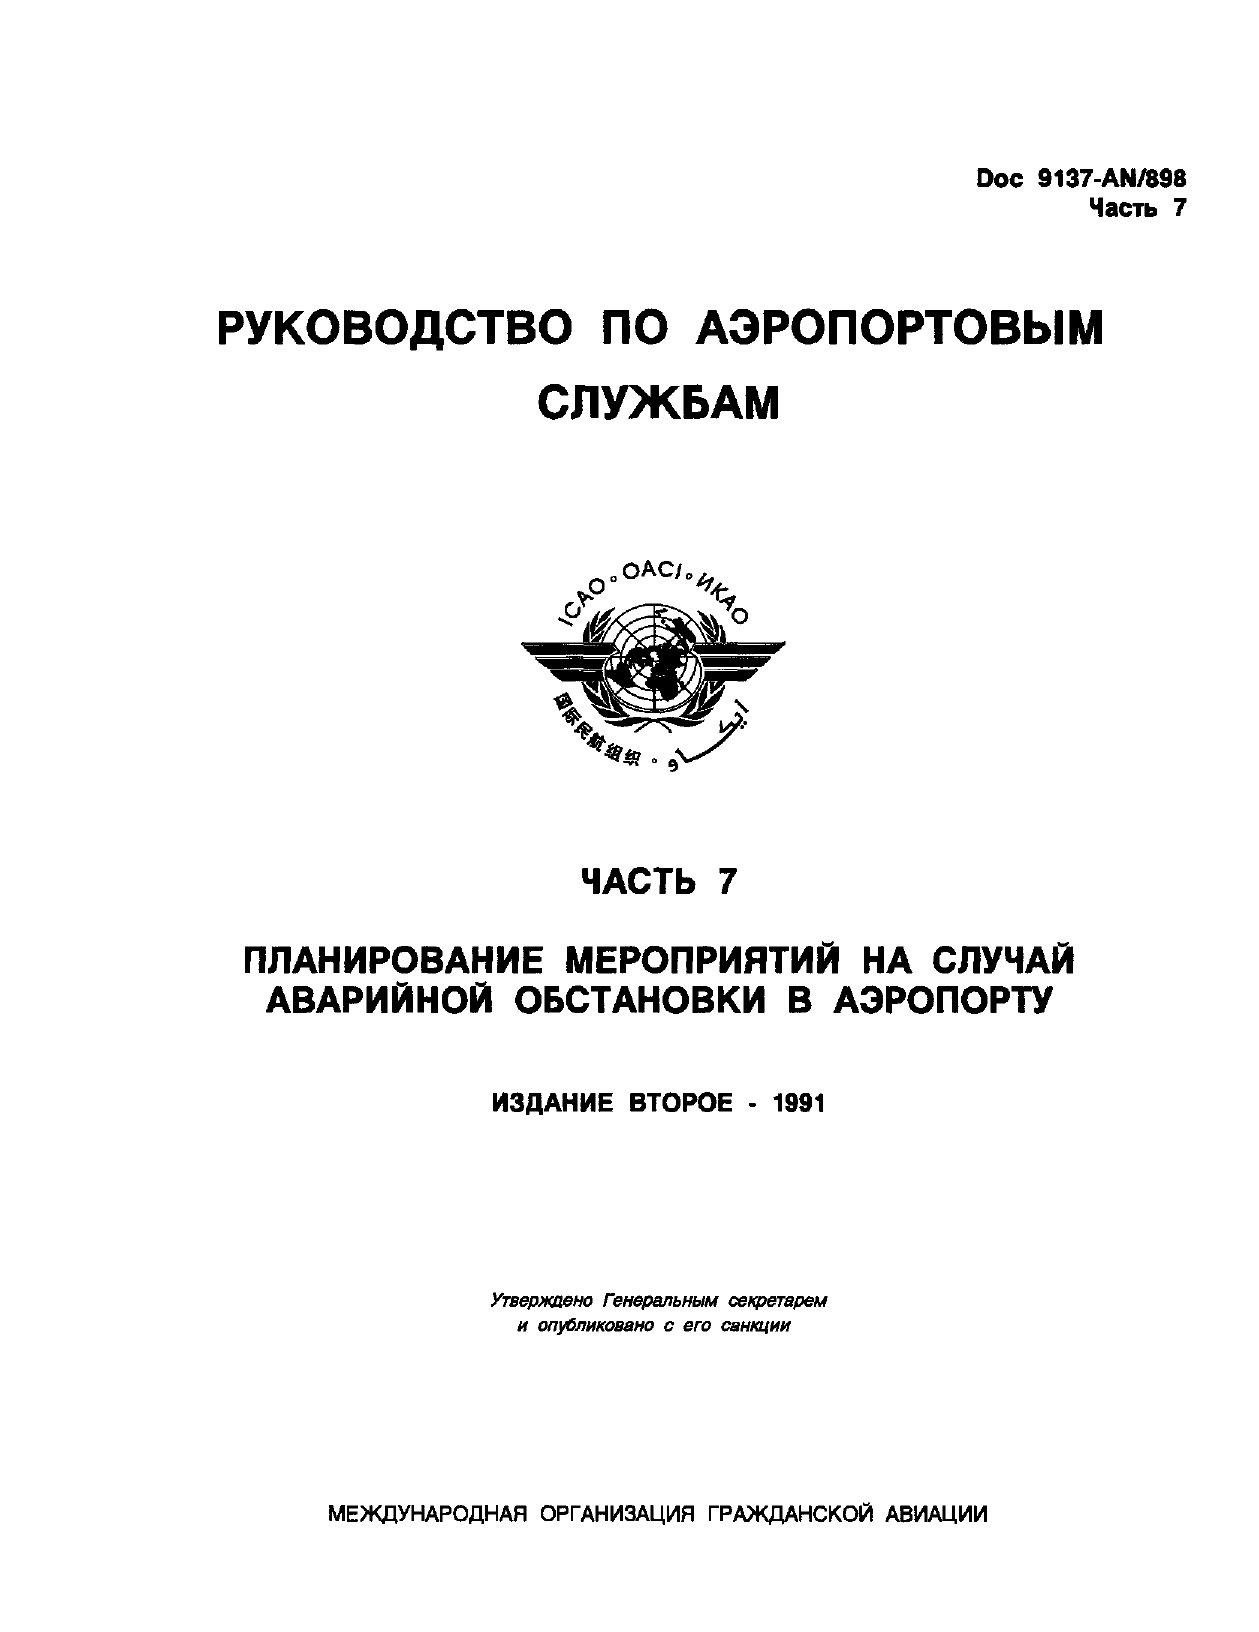 ICAO Doc 9137 Руководство по аэропортовым службам. Часть 7. Планирование мероприятий на случай аварийной обстановки в аэропорту